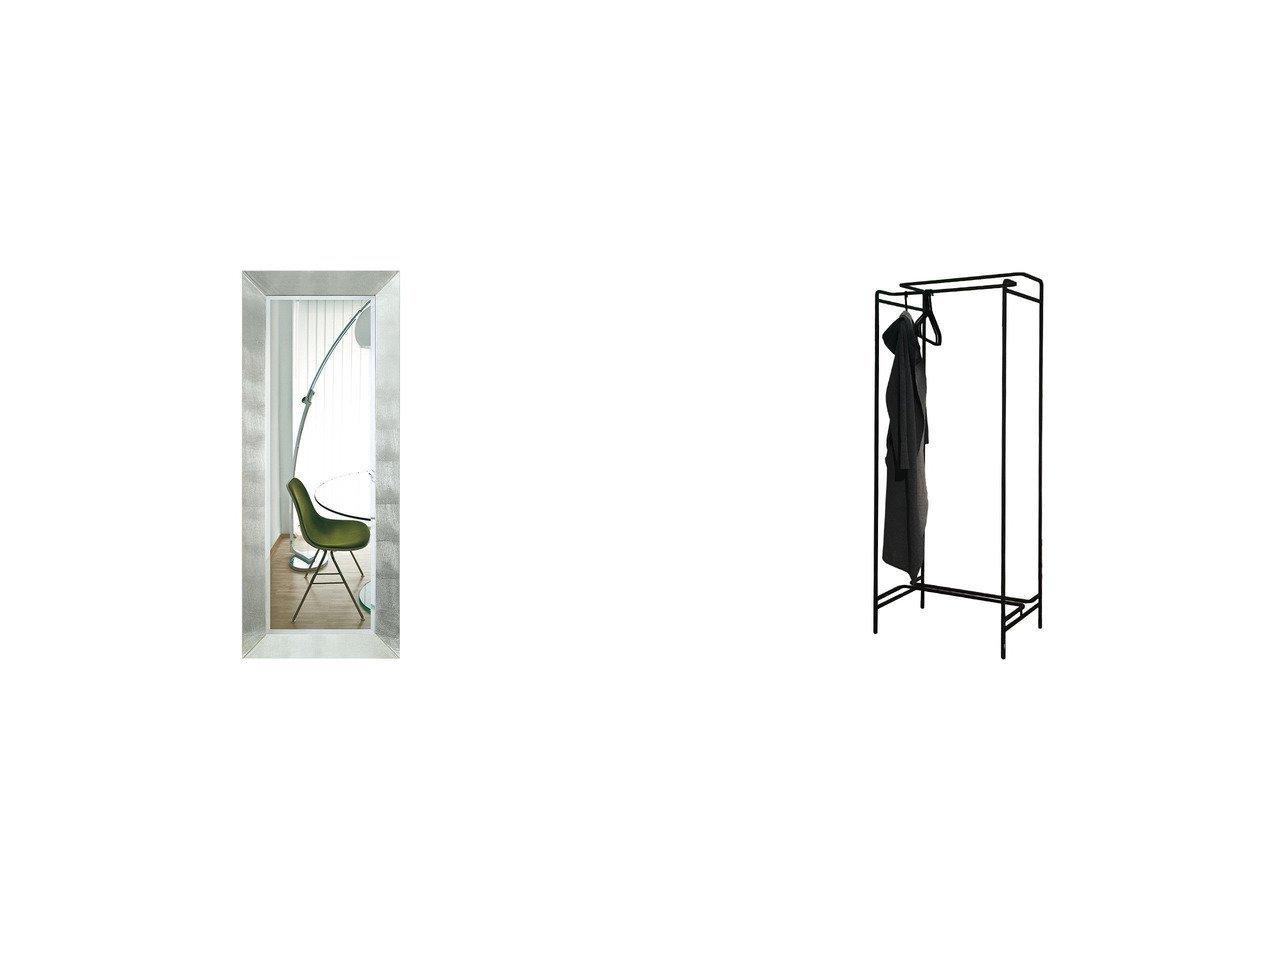 【FLYMEe Noir/フライミー ノワール】のウォールミラー m77100&レイライン ハンガーラック 【FURNITURE】おすすめ!人気、インテリア・家具の通販 おすすめで人気の流行・トレンド、ファッションの通販商品 メンズファッション・キッズファッション・インテリア・家具・レディースファッション・服の通販 founy(ファニー) https://founy.com/ 送料無料 Free Shipping シルバー スタンド フレーム シンプル ホーム・キャンプ・アウトドア Home,Garden,Outdoor,Camping Gear 家具・インテリア Furniture ミラー・ドレッサー Mirror ミラー・鏡 ホーム・キャンプ・アウトドア Home,Garden,Outdoor,Camping Gear 家具・インテリア Furniture ミラー・ドレッサー Mirror ドレッサー |ID:crp329100000039776